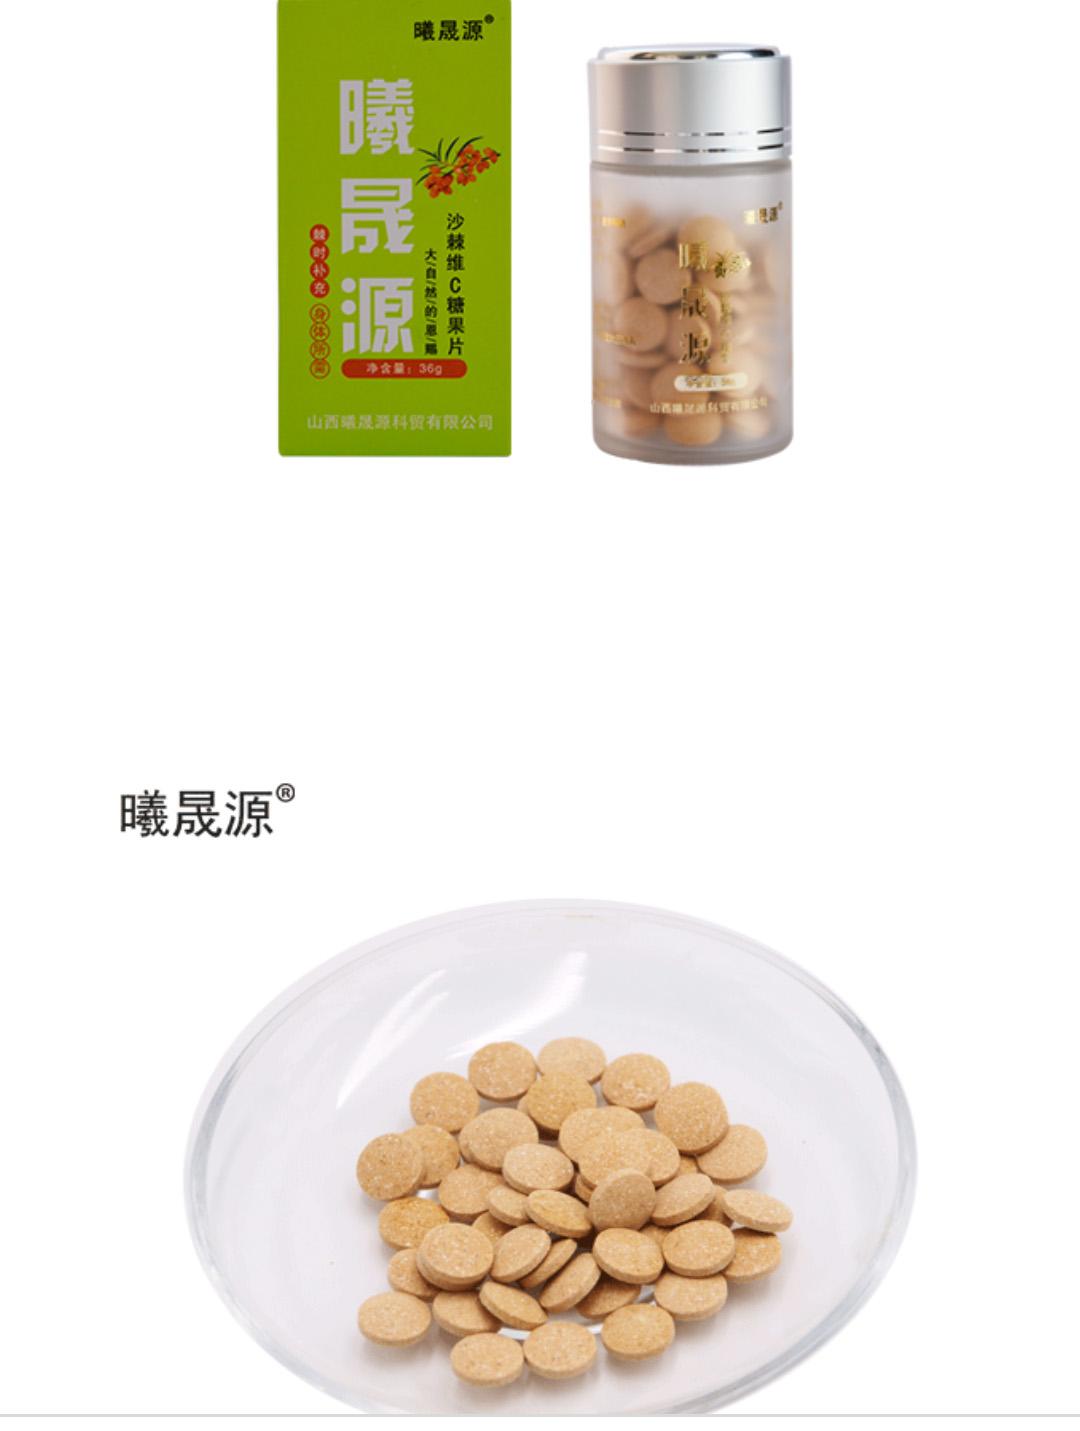 沙棘果维C片